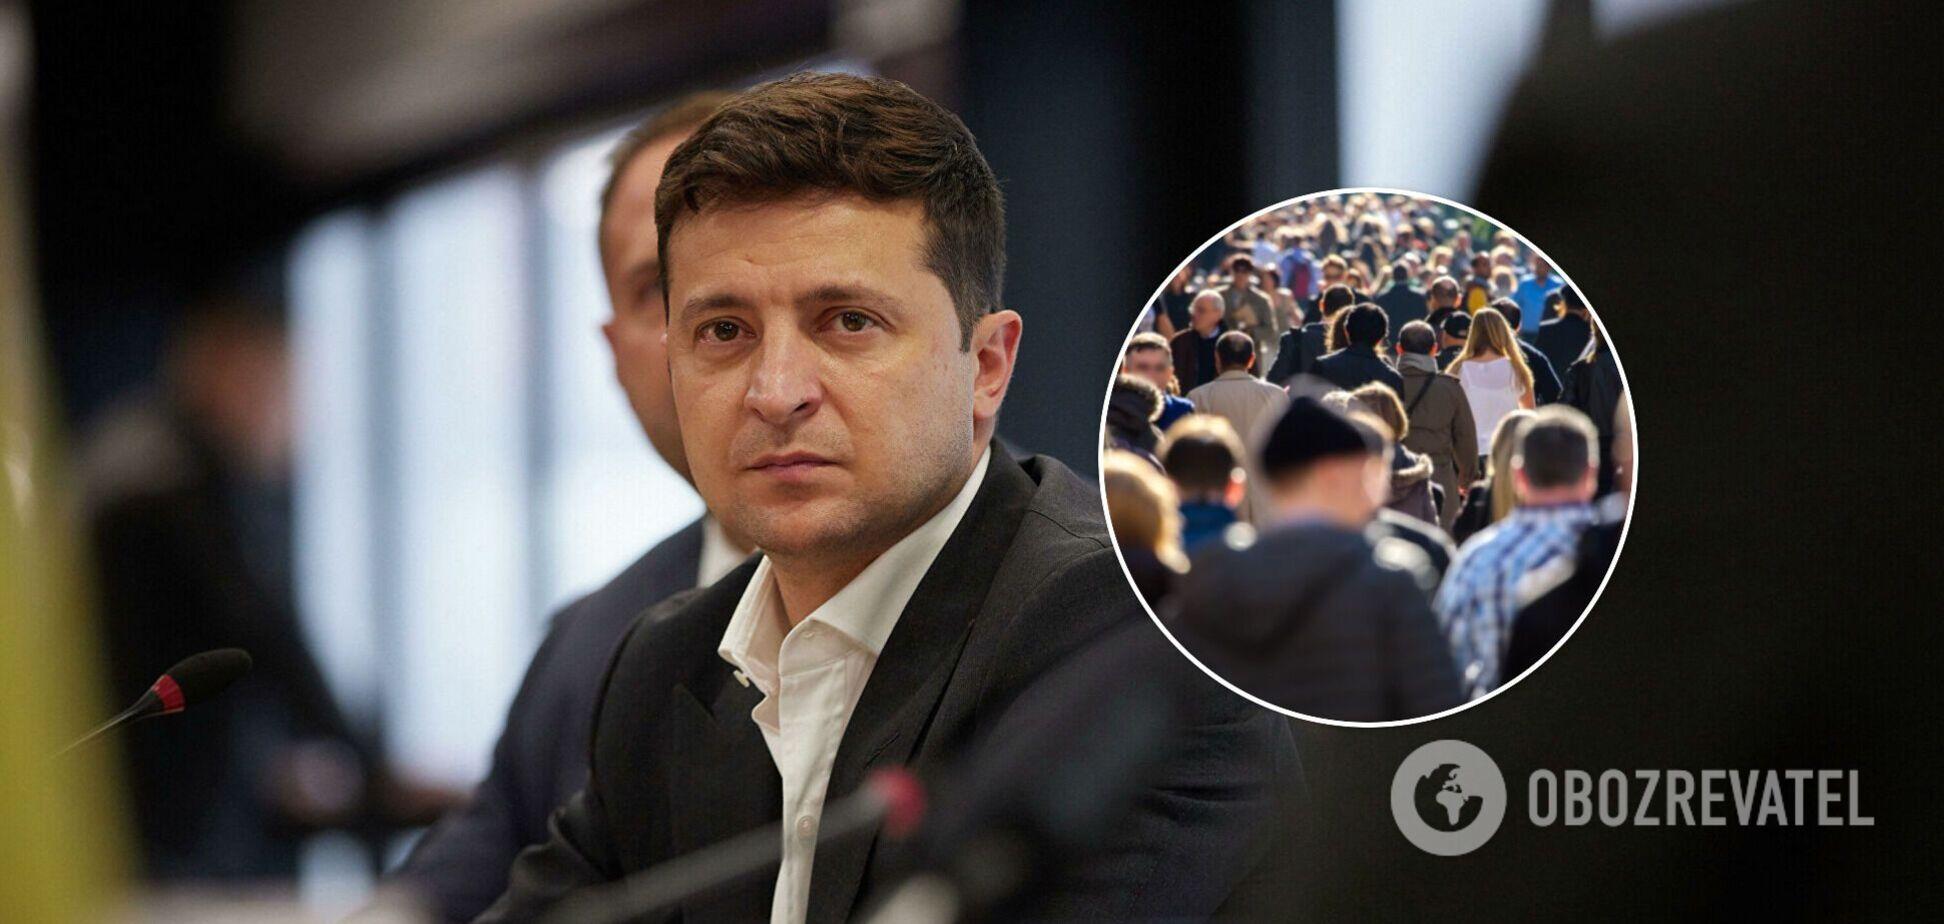 Зеленський два роки при владі: OBOZREVATEL дізнався думку українців. Відео